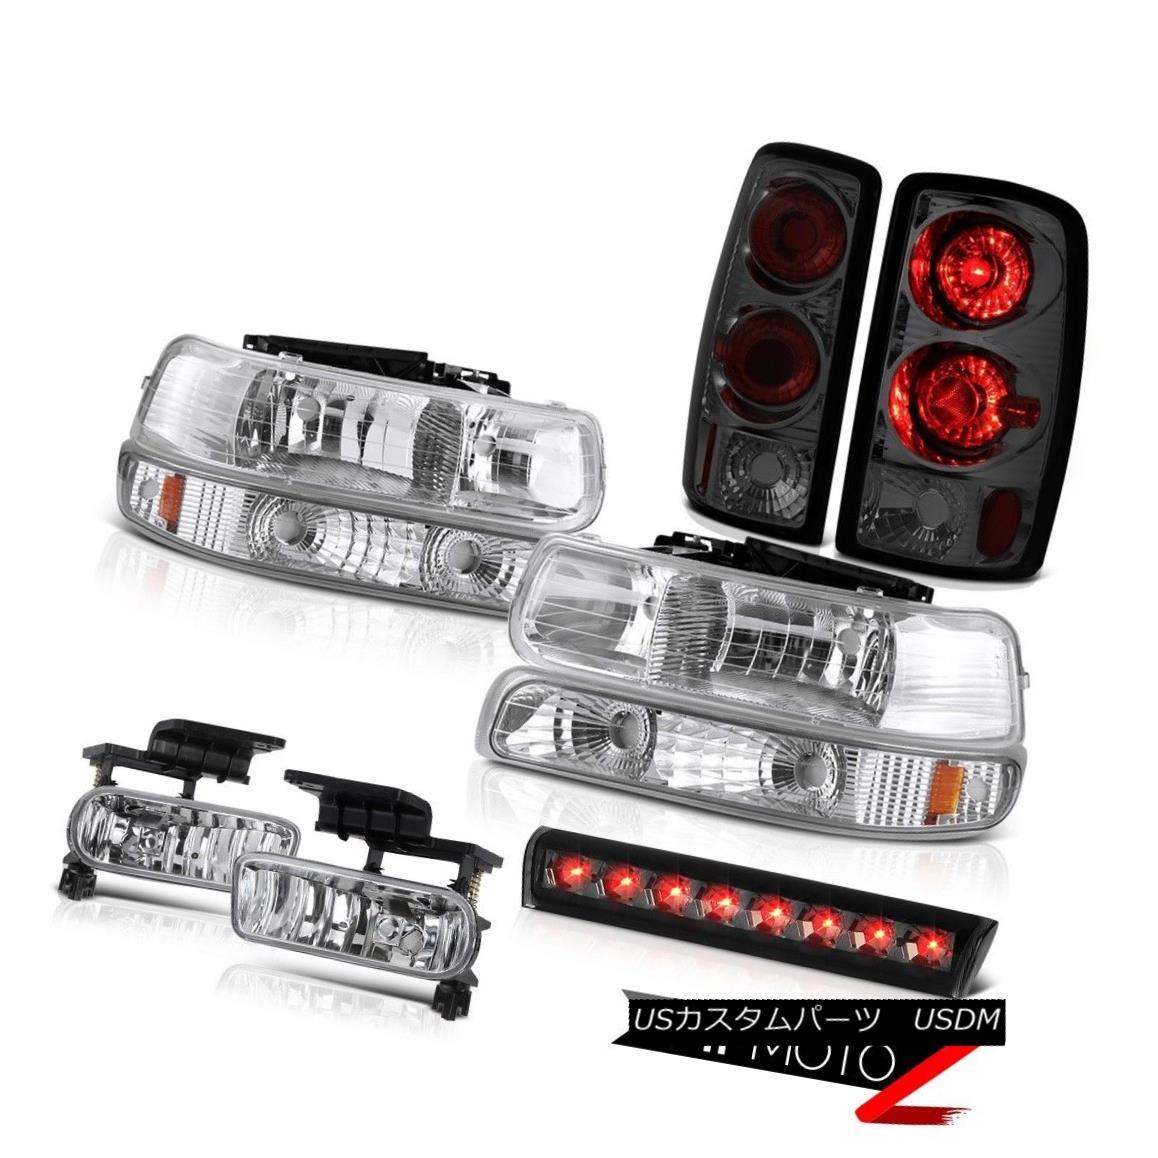 テールライト 2000-2006 Suburban 1500 4X4 Smoked 3rd brake lamp fog lights rear Headlights 2000-2006郊外1500 4X4スモーク3番ブレーキランプフォグライトリアライト